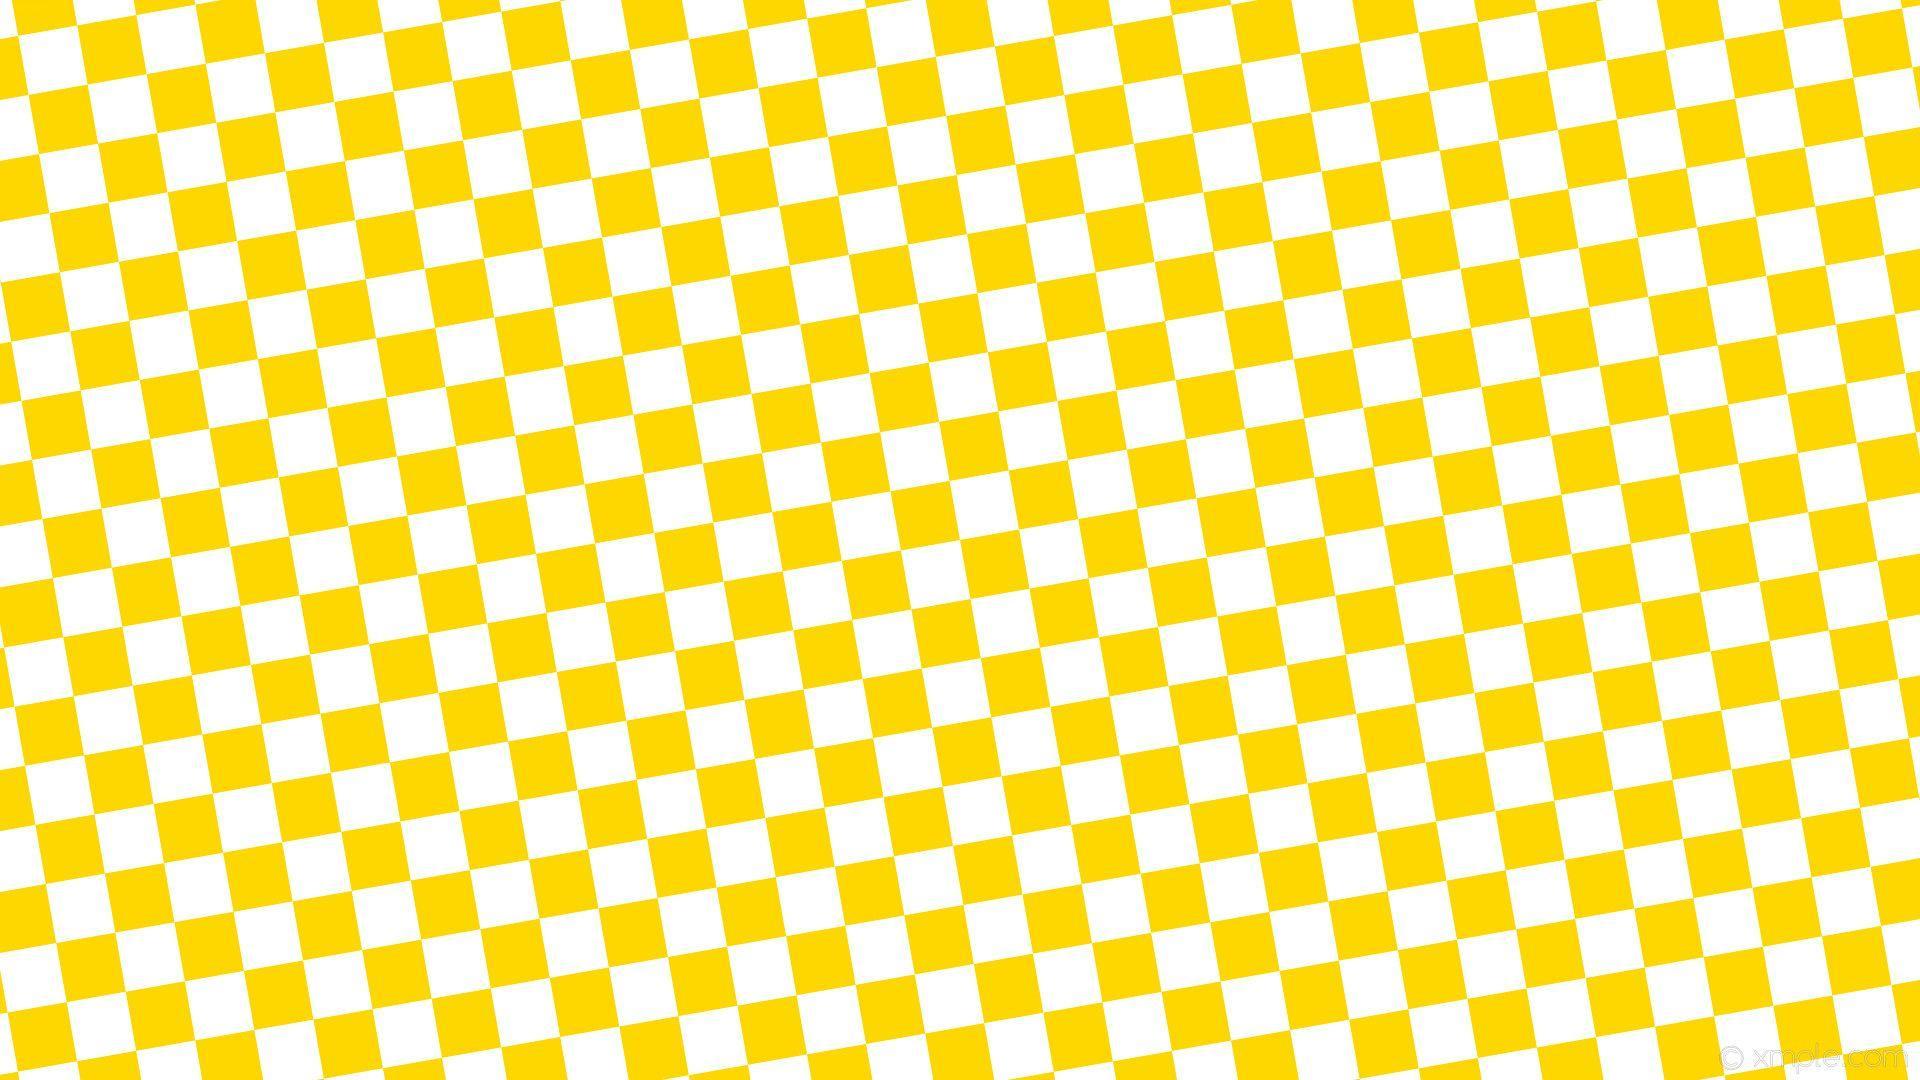 Yellow Aesthetic Wallpapers - Top Free Yellow Aesthetic